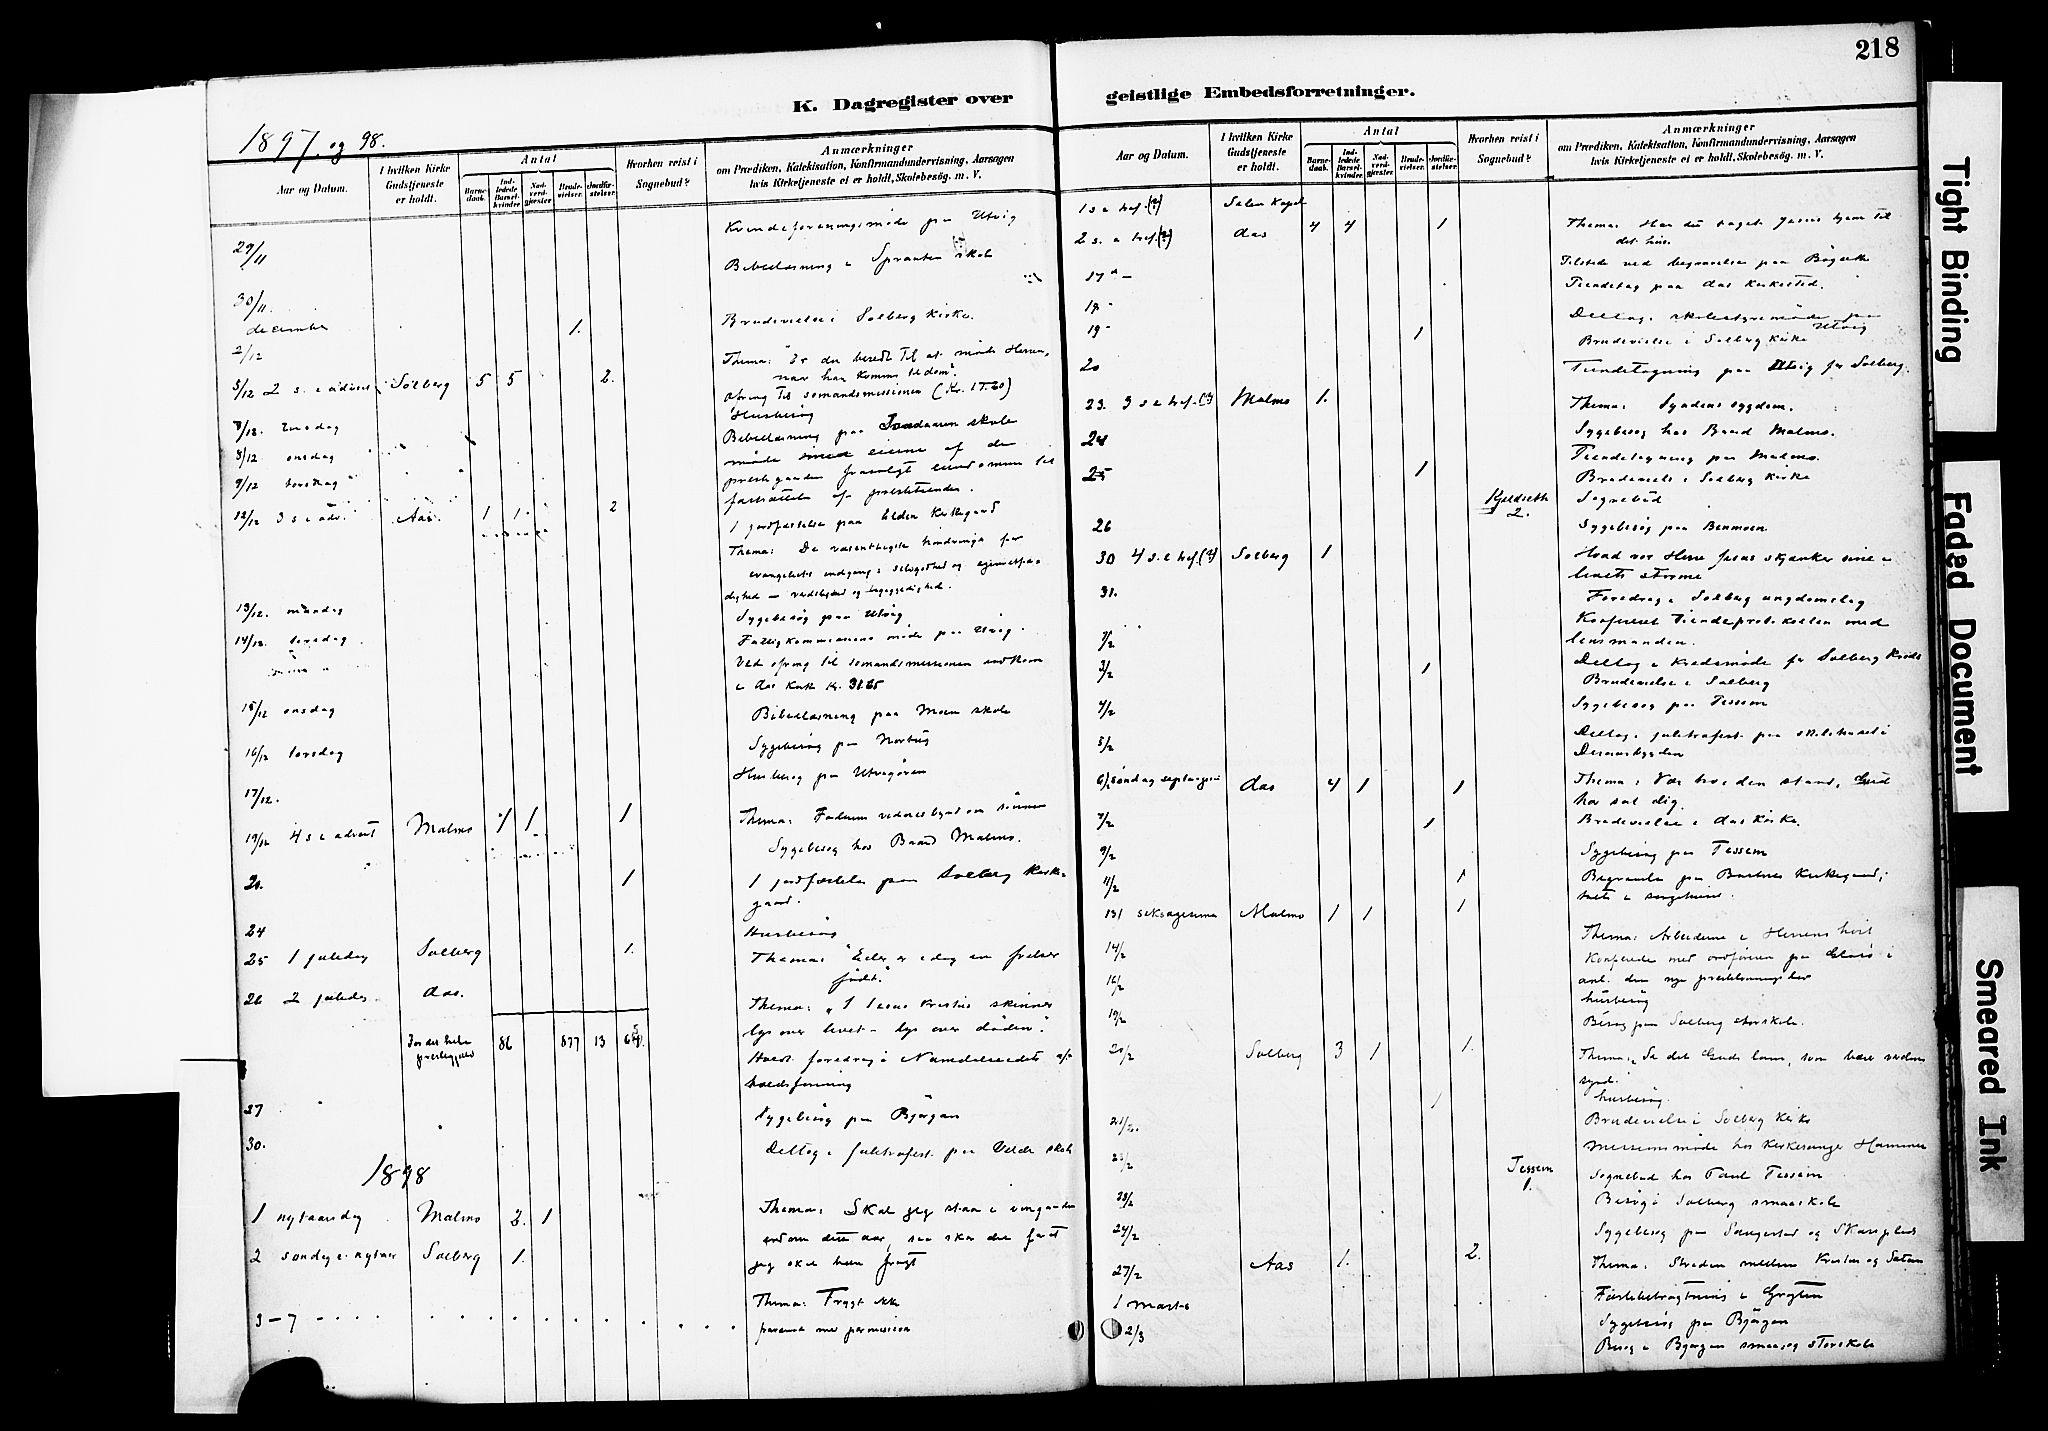 SAT, Ministerialprotokoller, klokkerbøker og fødselsregistre - Nord-Trøndelag, 741/L0396: Ministerialbok nr. 741A10, 1889-1901, s. 218